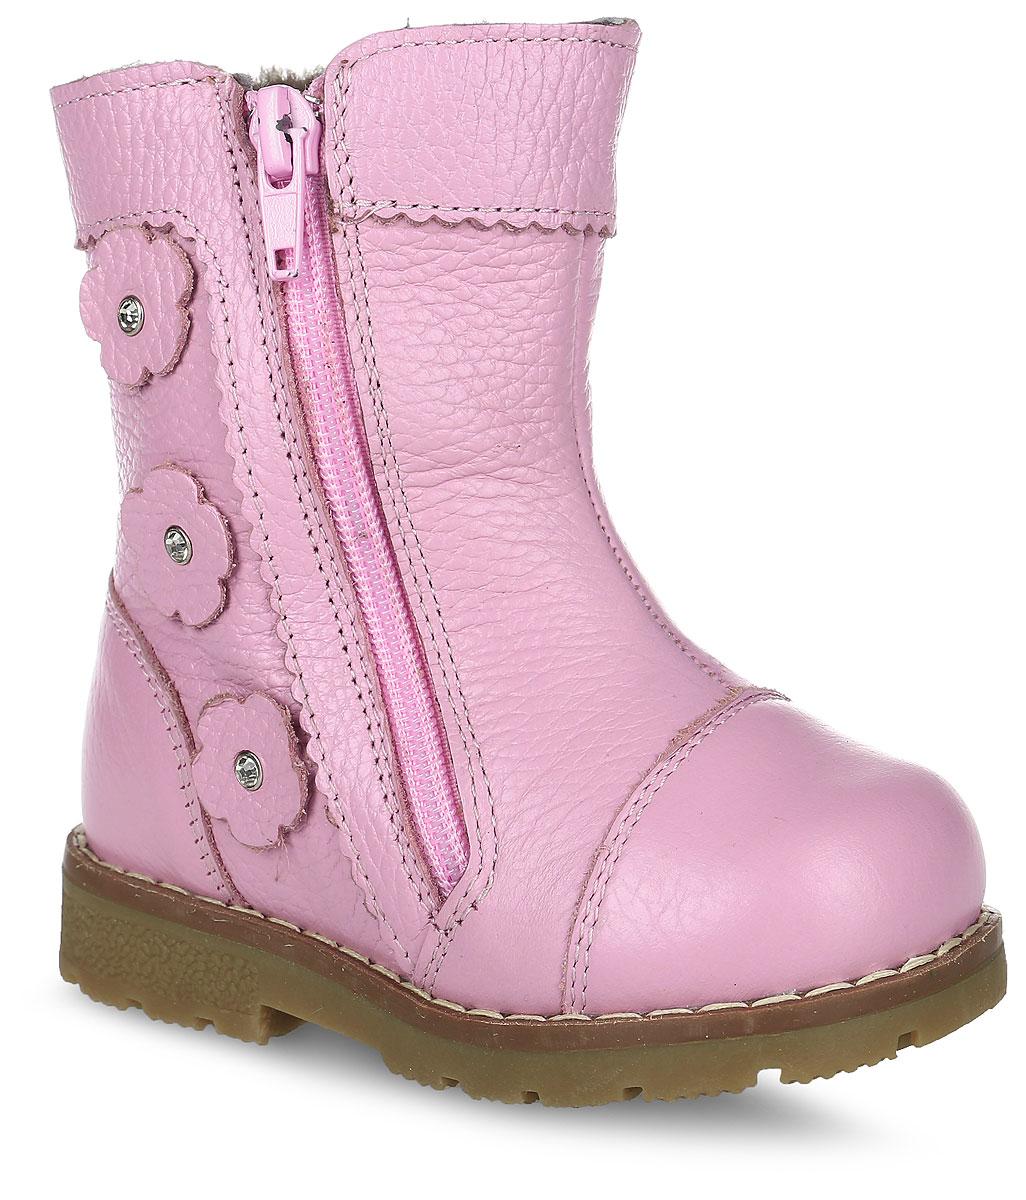 Сапоги для девочки Зебра, цвет: светло-розовый. 9988-9. Размер 269988-9Теплые сапоги Зебра изготовлены из натуральной кожи и оформлены декоративными нашивками в виде цветков. Носовая часть и задник дополнены накладками для уменьшения износа обуви. Рант дополнен прострочкой. На ноге модель фиксируется с помощью удобной застежки-молнии. Внутренняя поверхность и стелька выполнены из натурального меха, который обеспечит тепло и комфорт при носке. Подошва изготовлена из гибкого и прочного ТЭП-материала, а ее протектор гарантирует отличное сцепление с любой поверхностью.